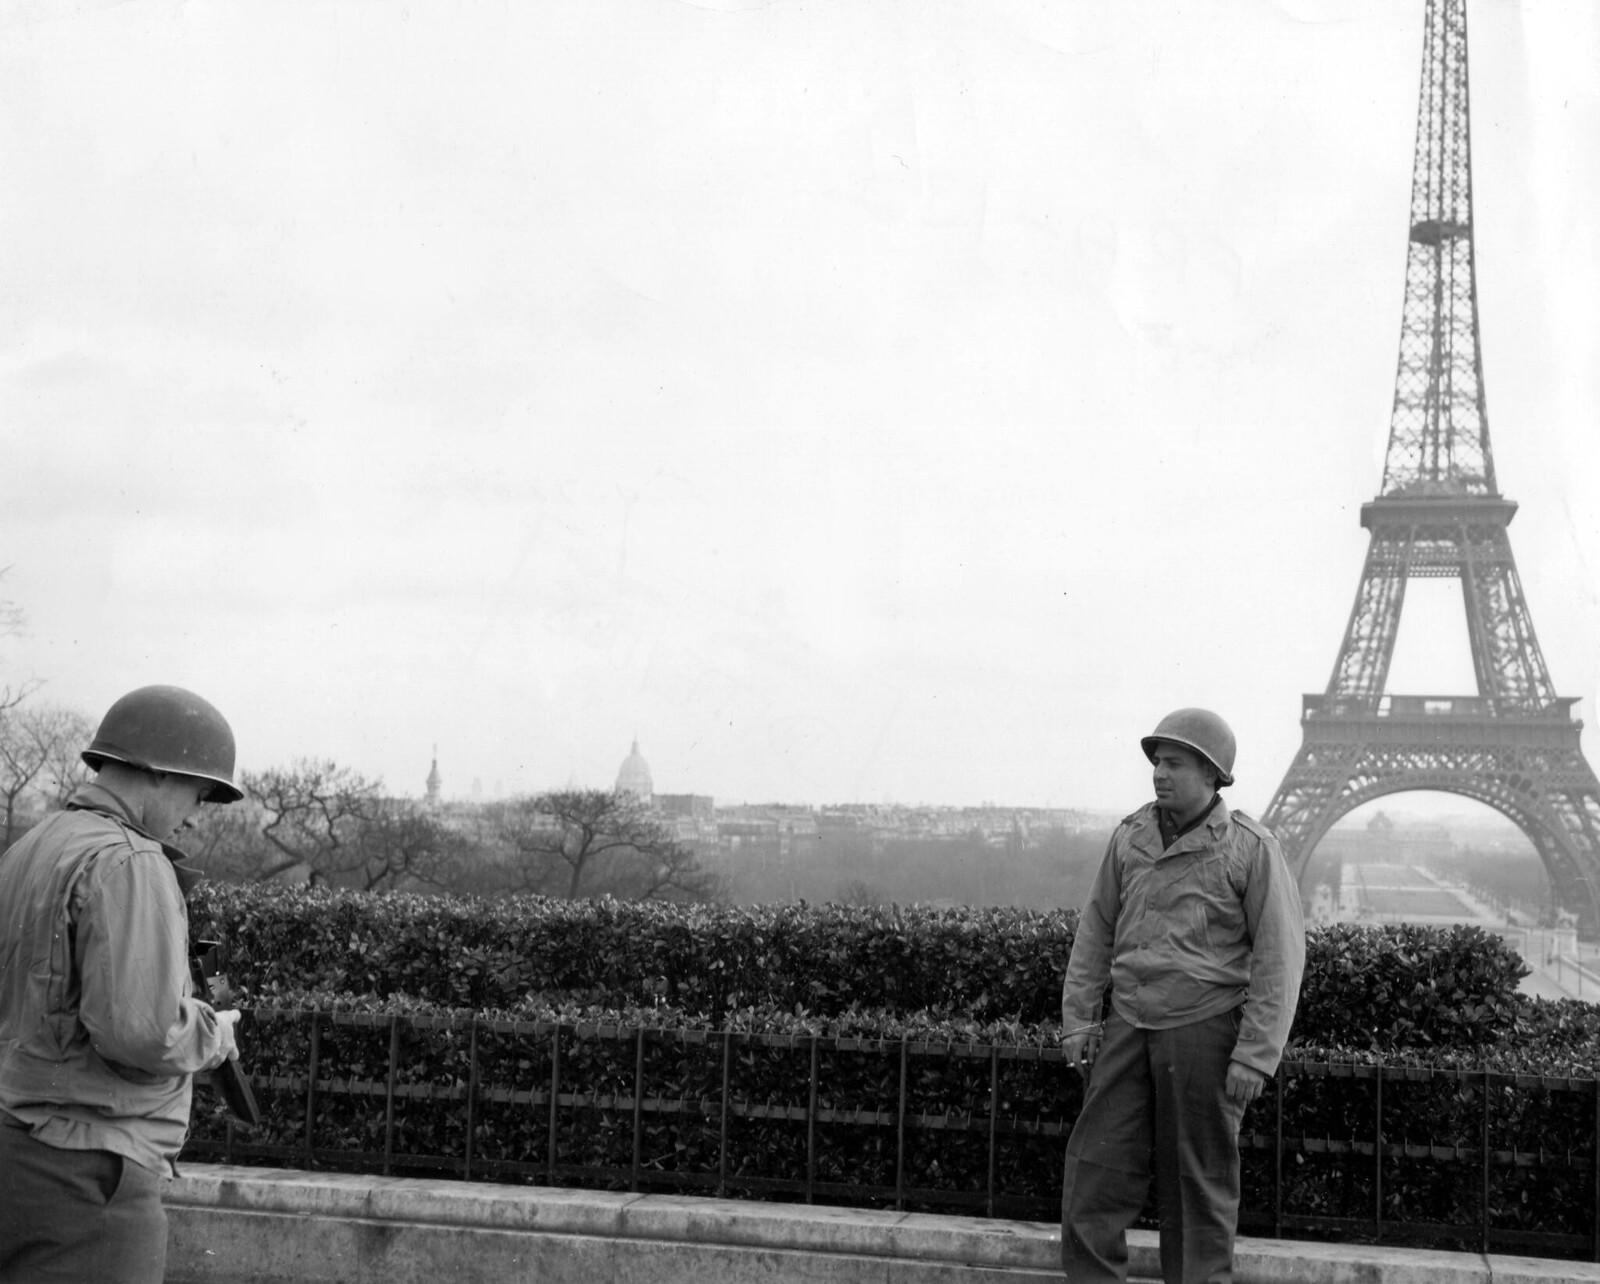 1945. Приехав прямо из Аахена, два американских солдата получив 72-часовую увольнительную, фотографируют друг друга перед Эйфелевой башней